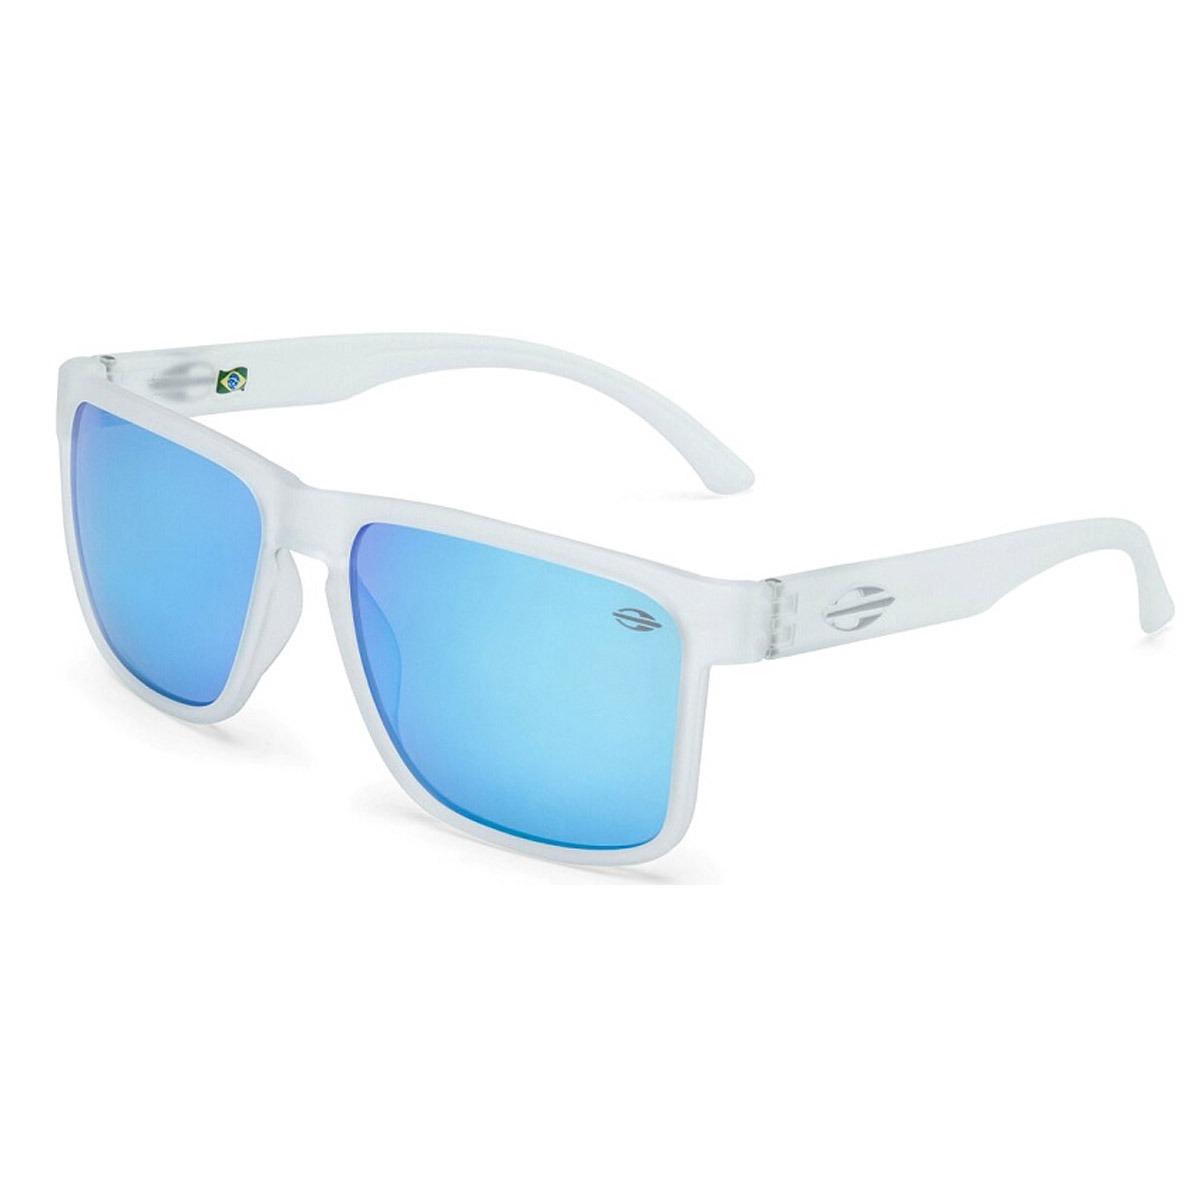 Óculos Mormaii Monterey Branco Fosco lente Azul - R  249,90 em ... fdbc550472